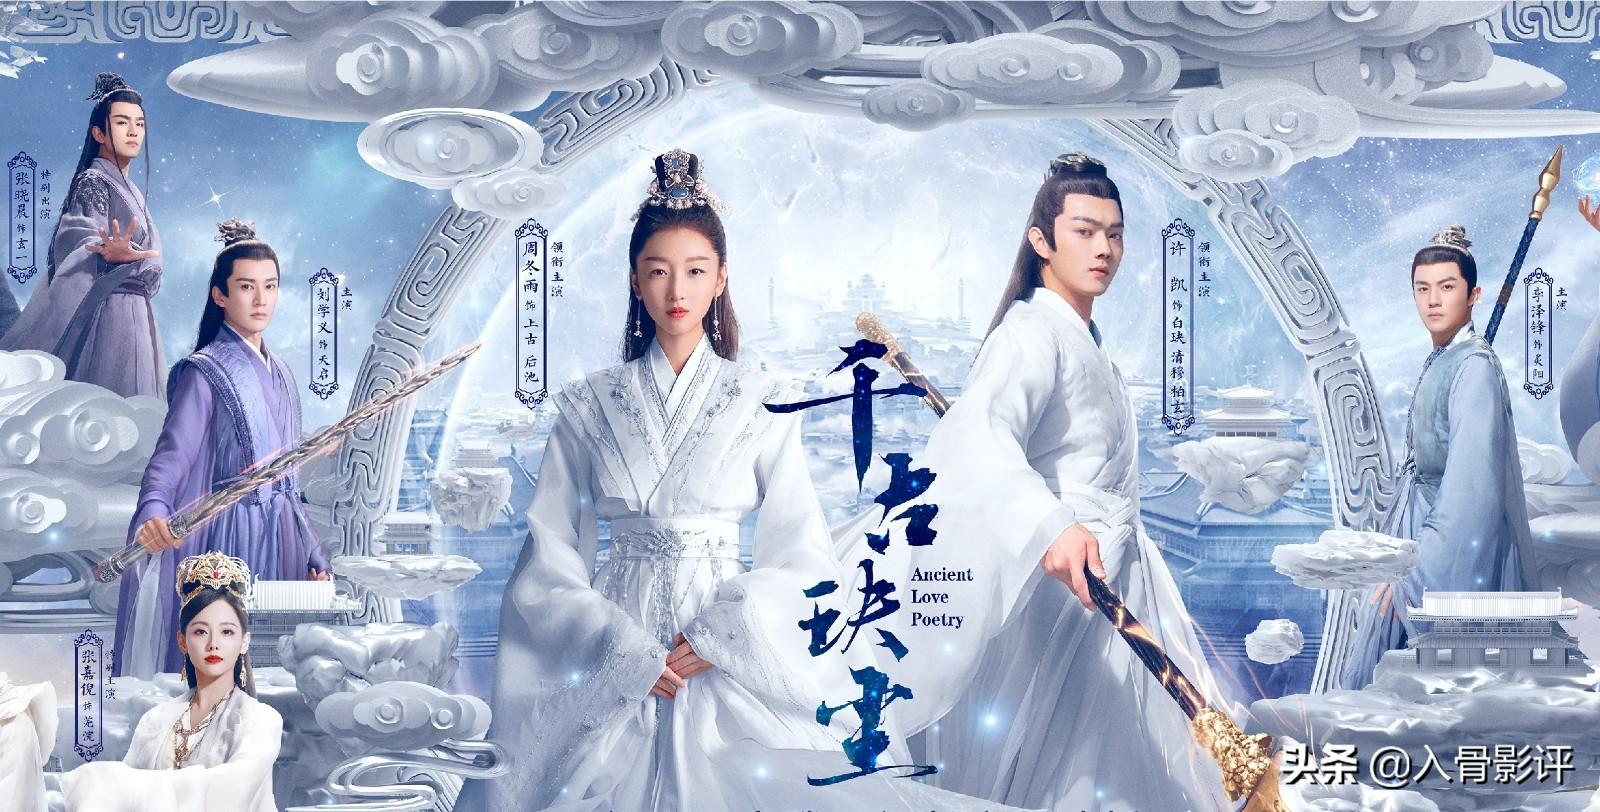 《千古玦尘》开播,周冬雨主演的首部仙侠剧,期待不小,失望挺大